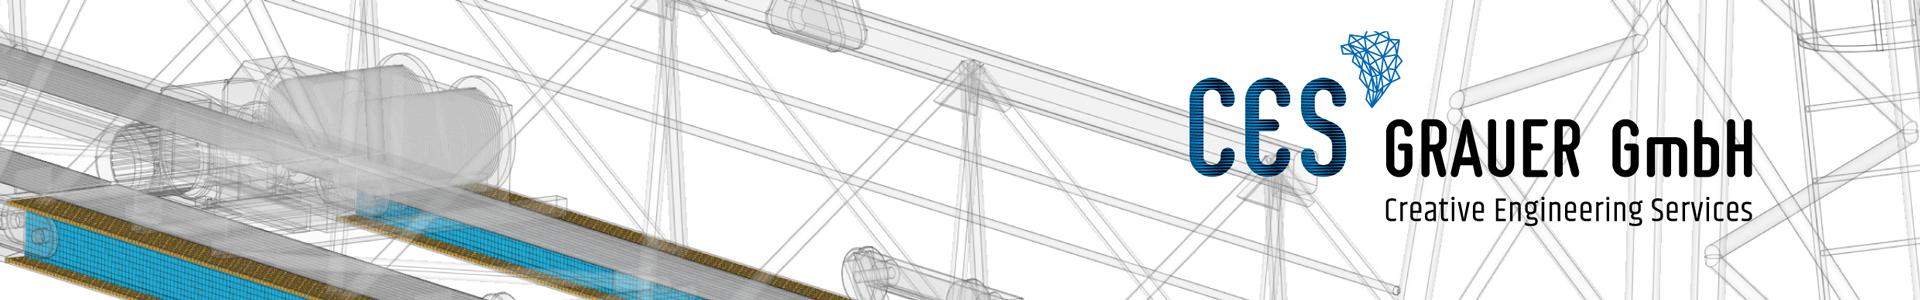 CES Grauer Hausmesse – Konstruktion und Simulation